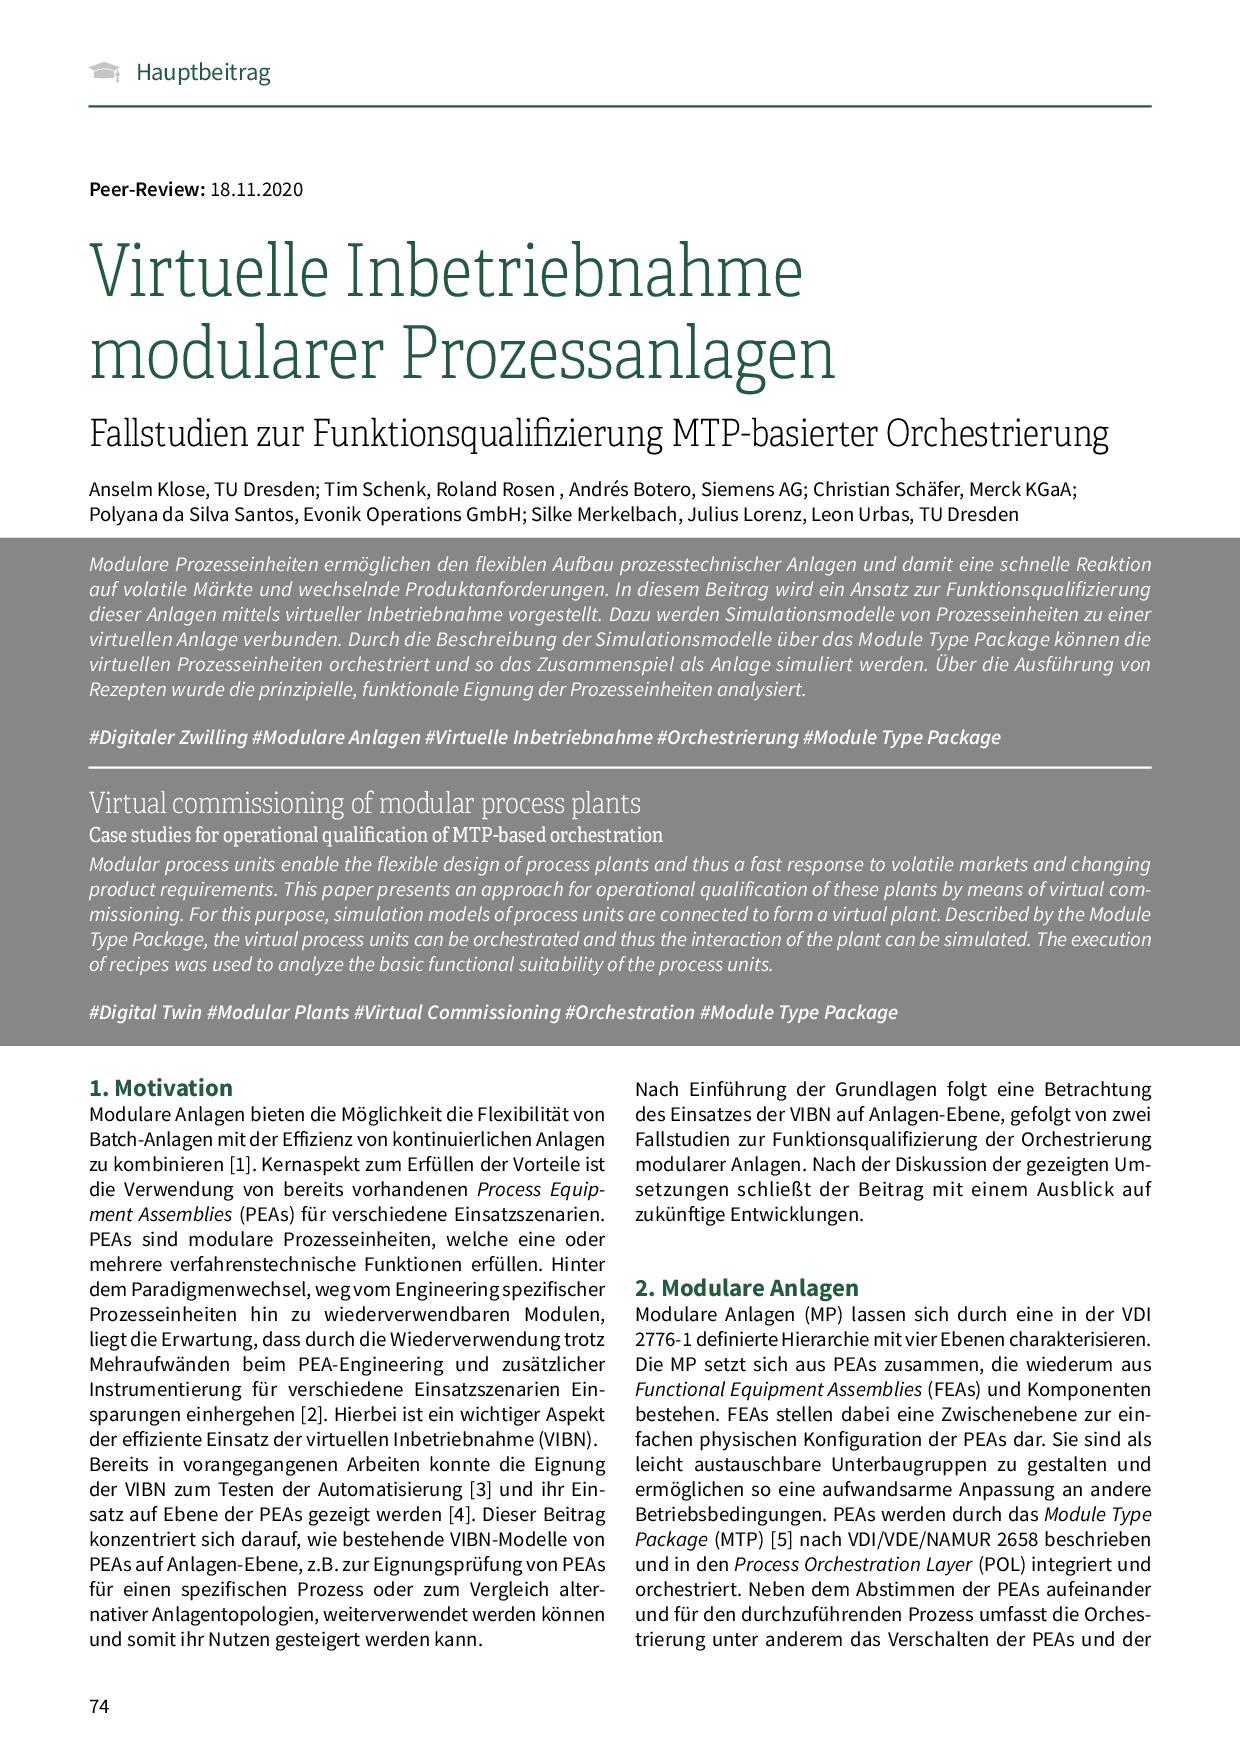 Virtuelle Inbetriebnahme modularer Prozessanlagen